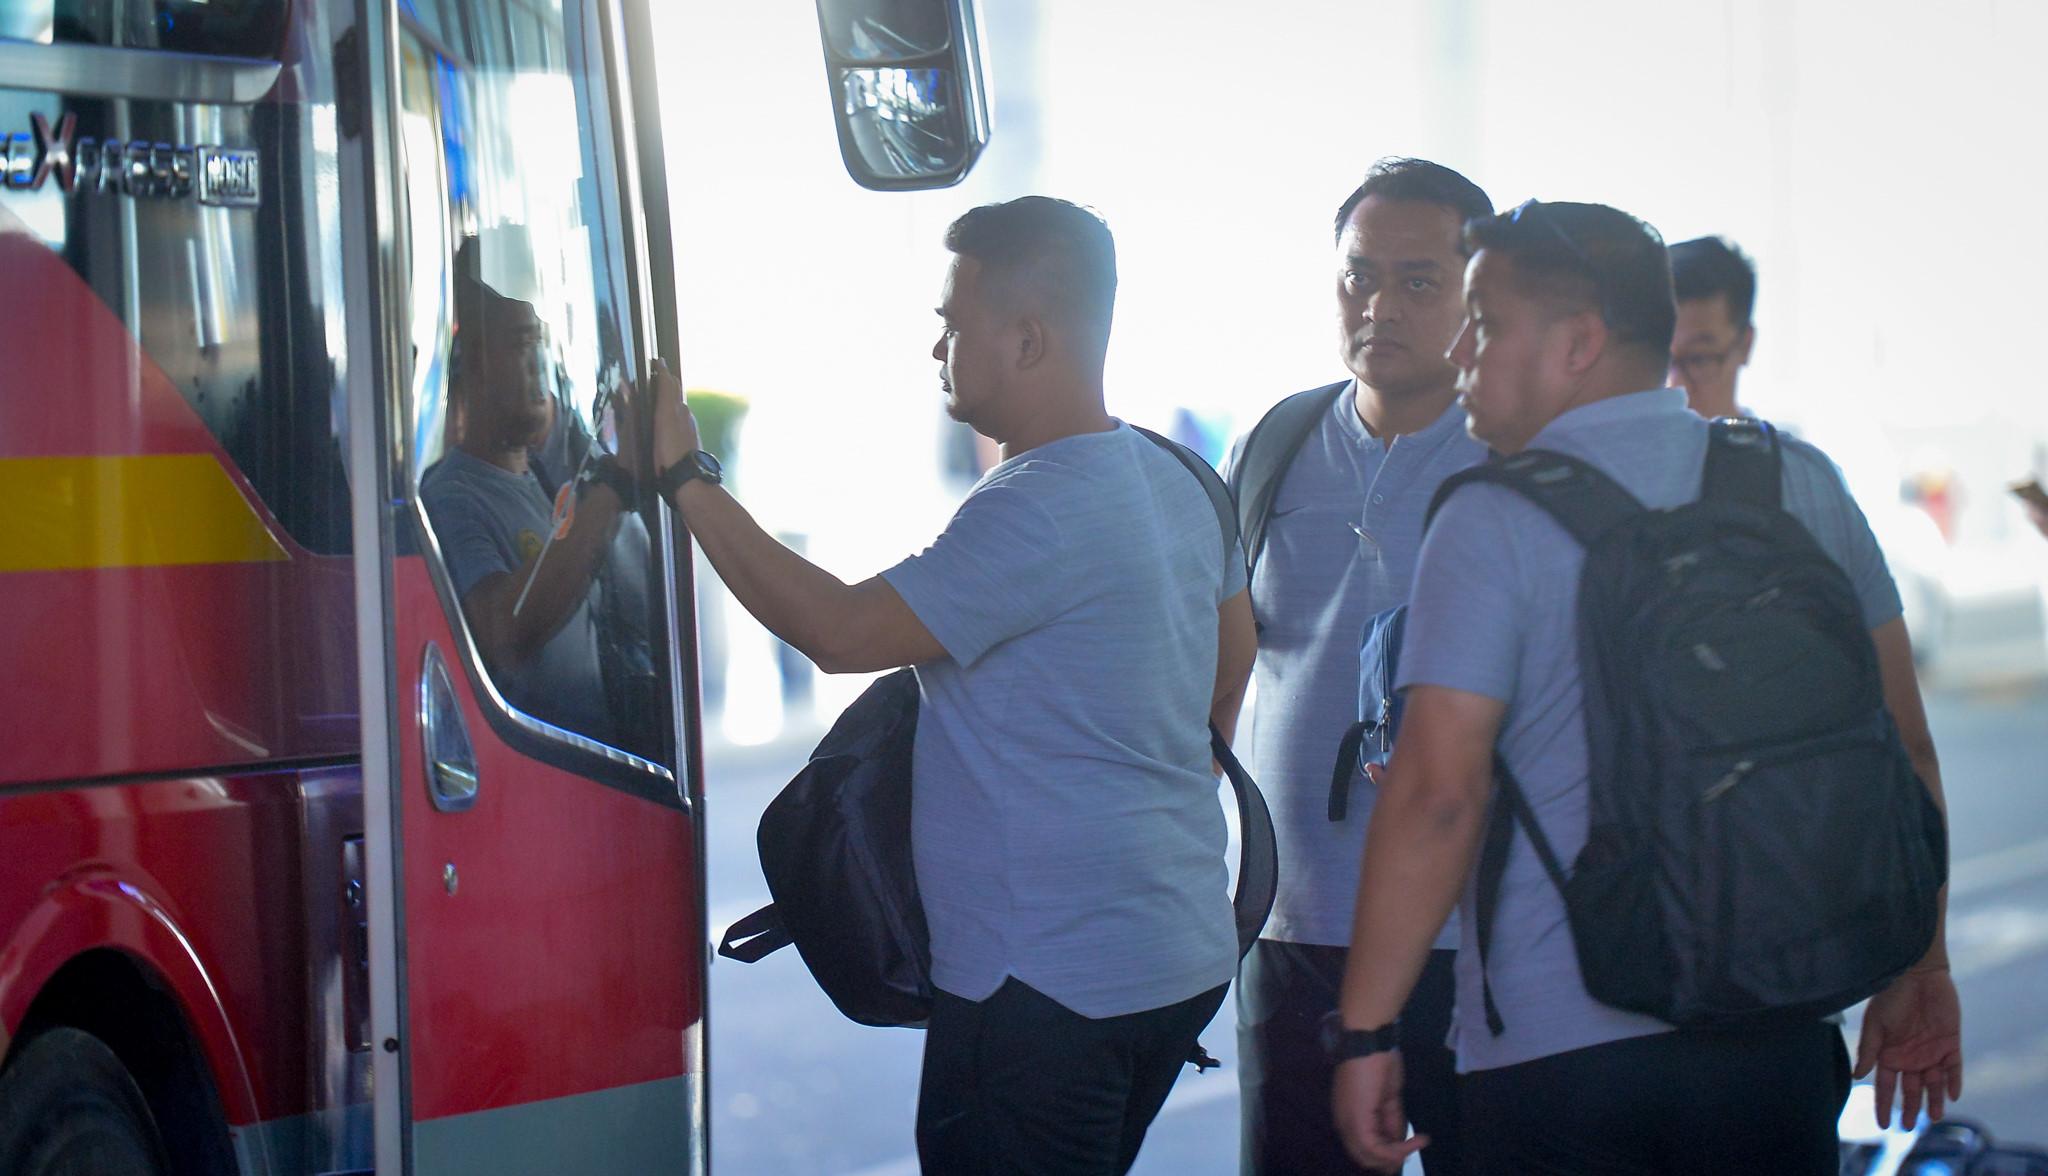 Xe buýt chở đội Malaysia bỏ quên người ở sân bay Nội Bài Ảnh 4